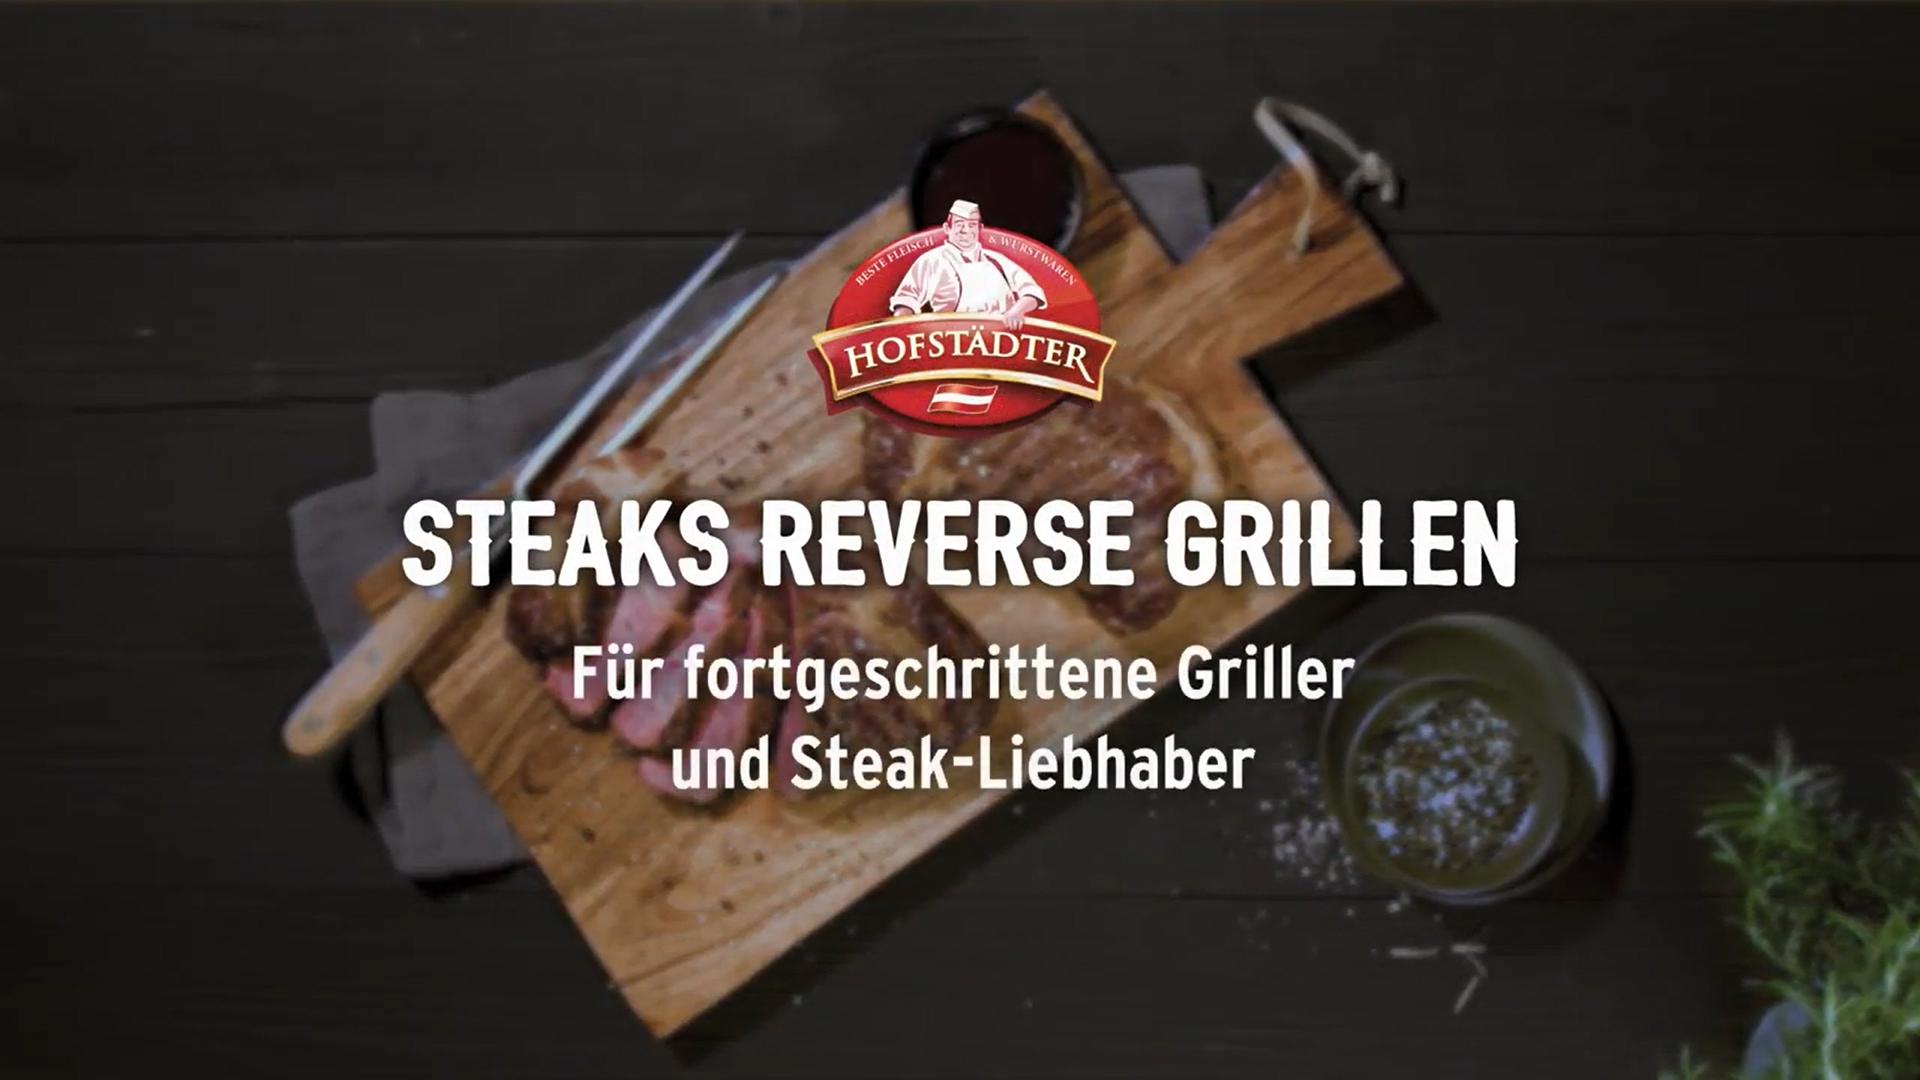 Steaks reverse grillen